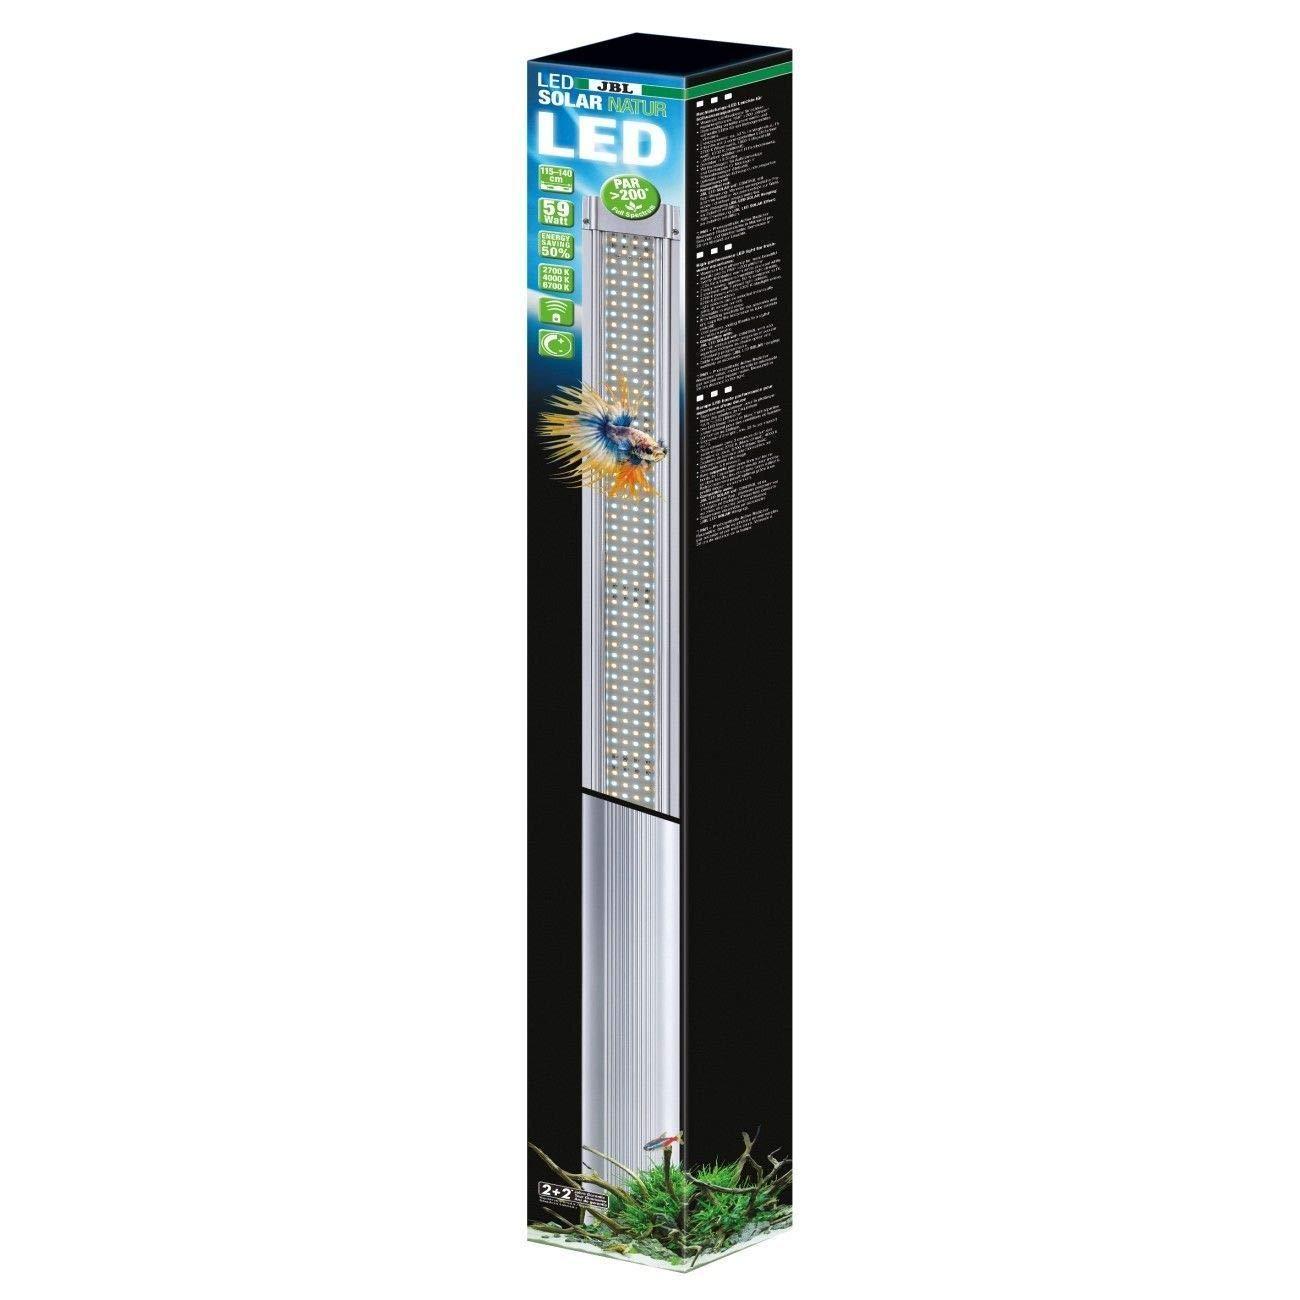 JBL LED lampada solare LED ad alte prestazioni naturale 59 W 1149 – 1200 mm